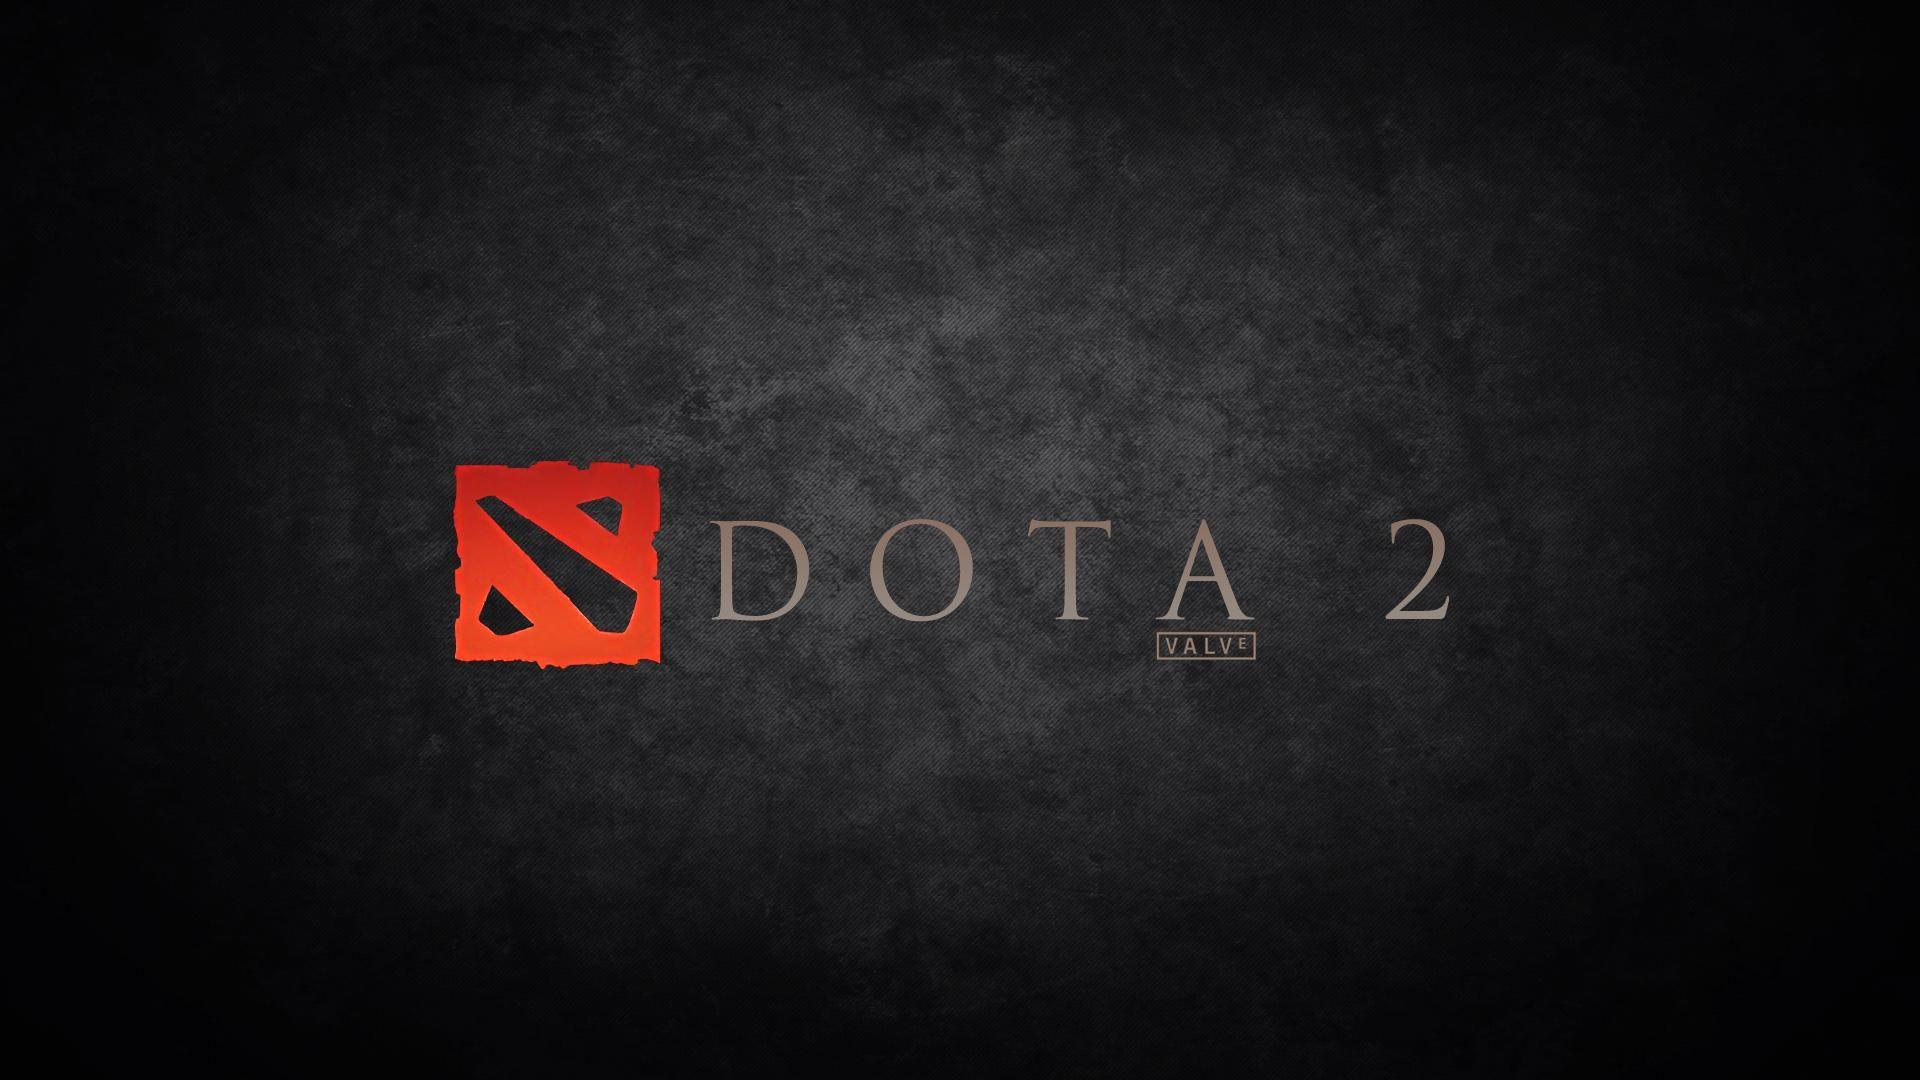 Dota 2 Logo Wallpaper Full Hd Dota 2 Logo Dota 2 Logos